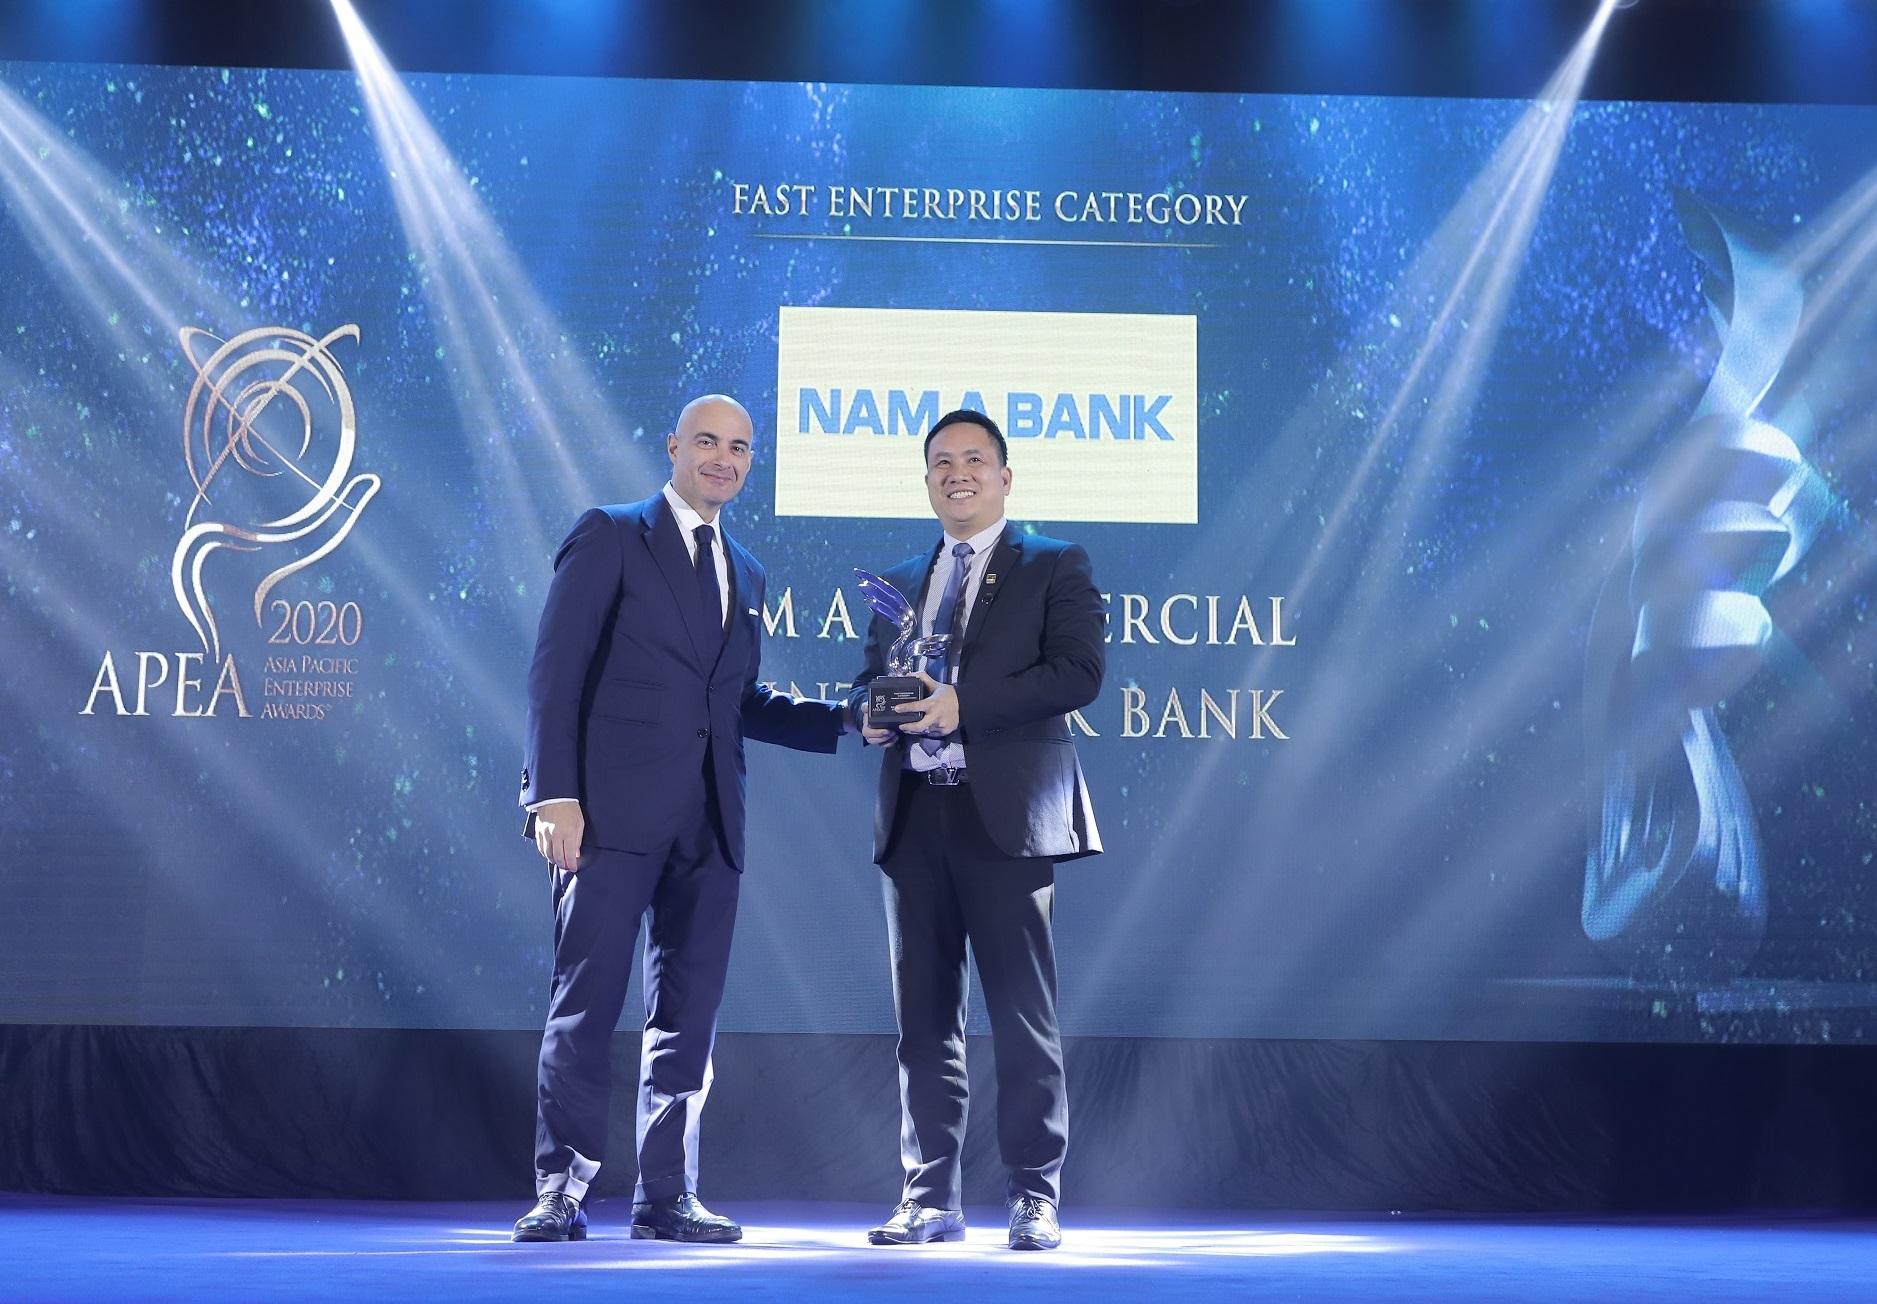 Đại diện Nam A Bank – Ông Hà Huy Cường (Phó Tổng Giám đốc) nhận giải thưởng Corporate Excellence Award - Doanh nghiệp xuất sắc Châu Á và Fast Enterprise Award - Doanh nghiệp tăng trưởng nhanh.